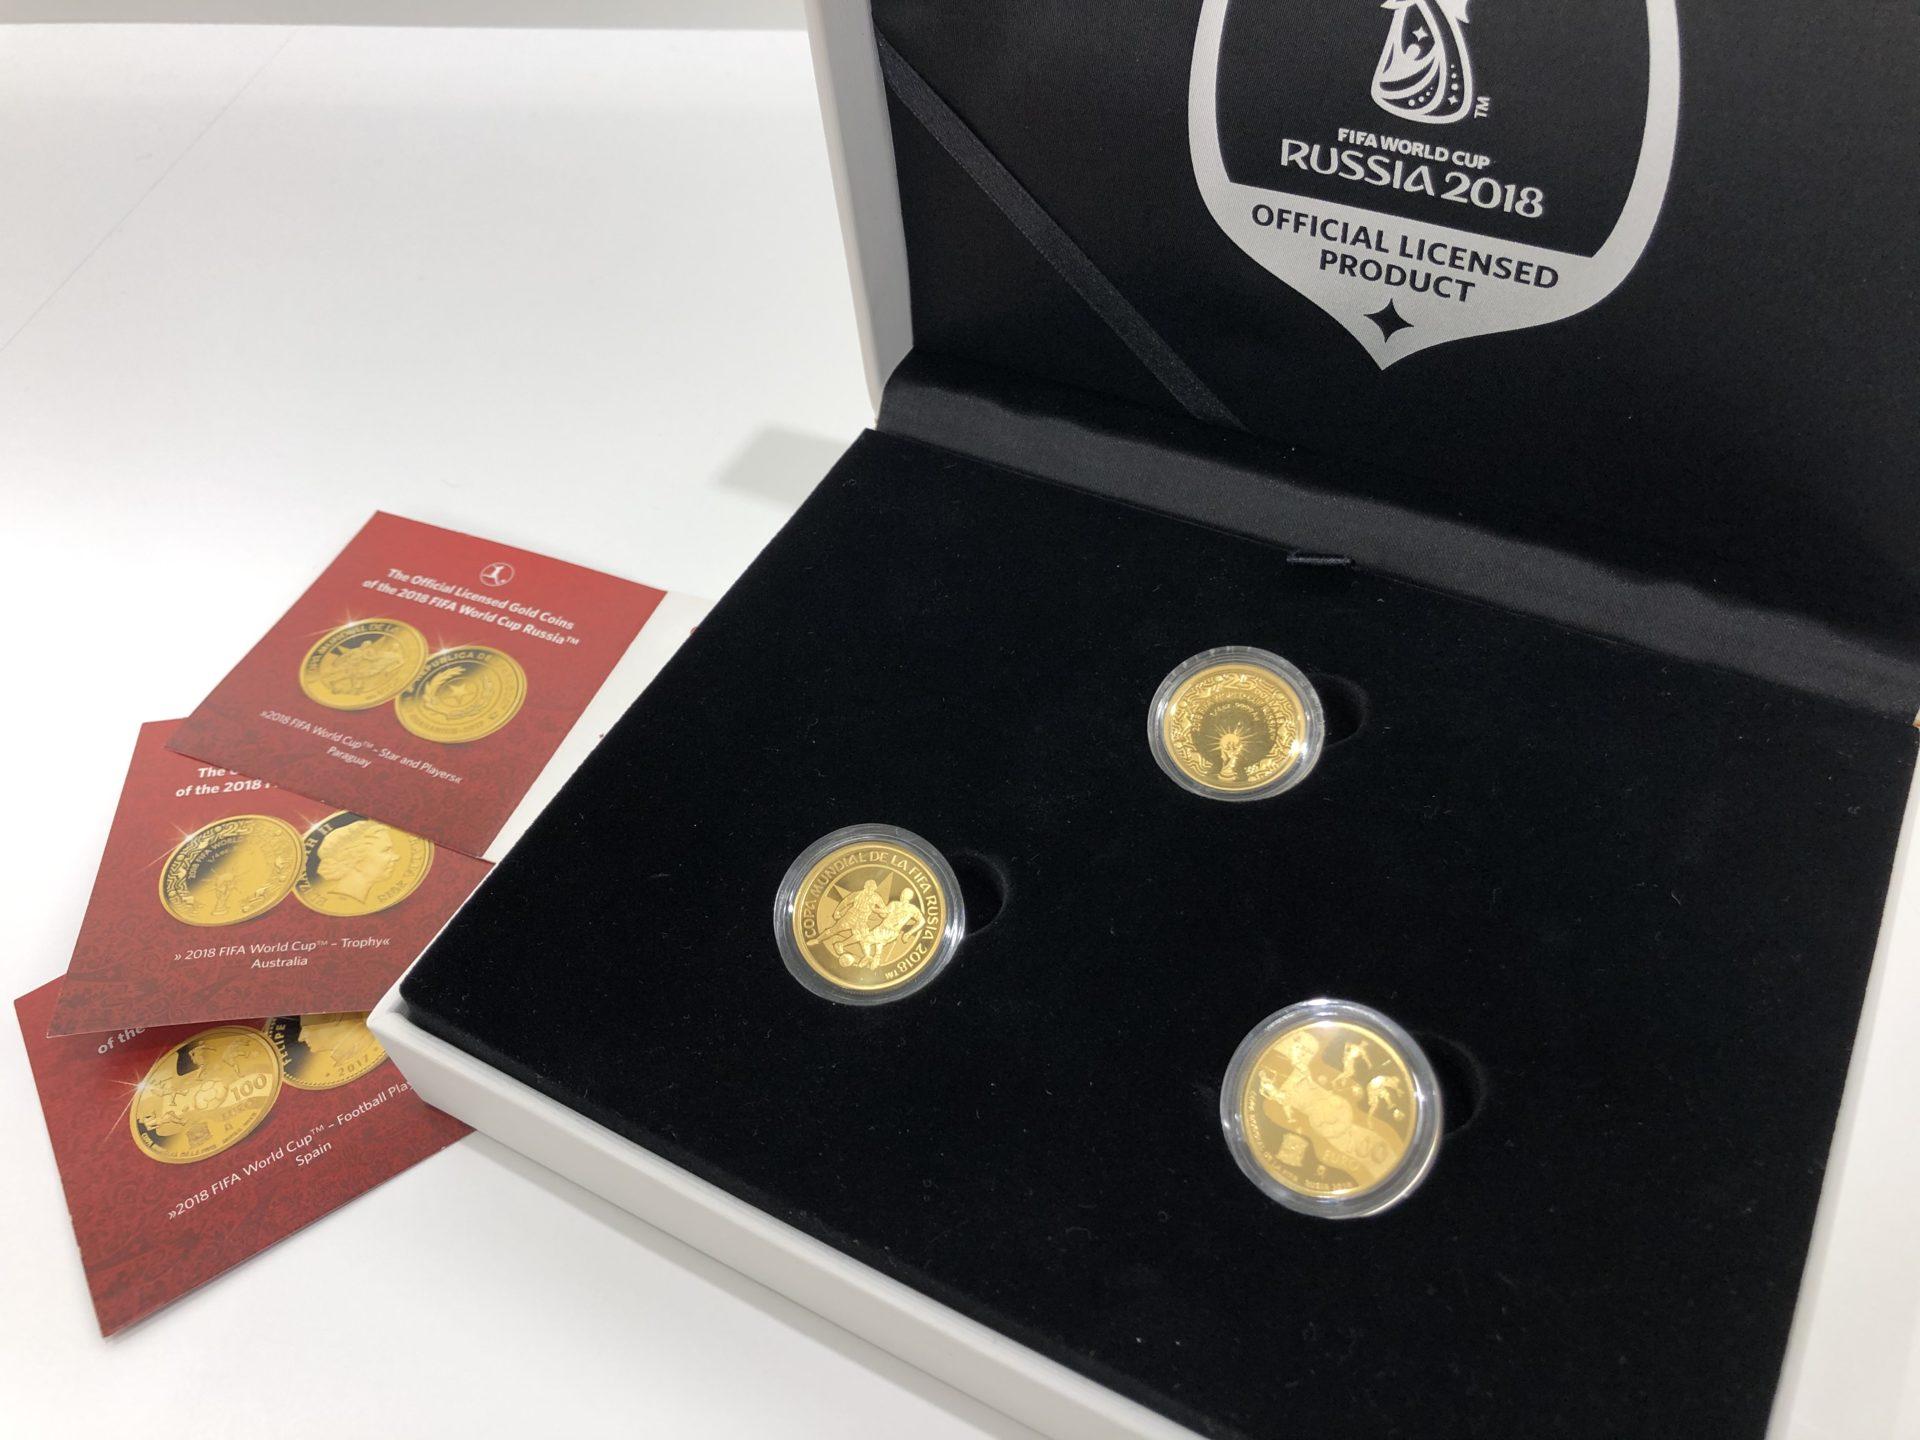 【コイン 買取 盛岡】2018 FIFA ワールドカップ  ロシア大会 公式記念コイン3種セットをお買い取りさせていただきました。